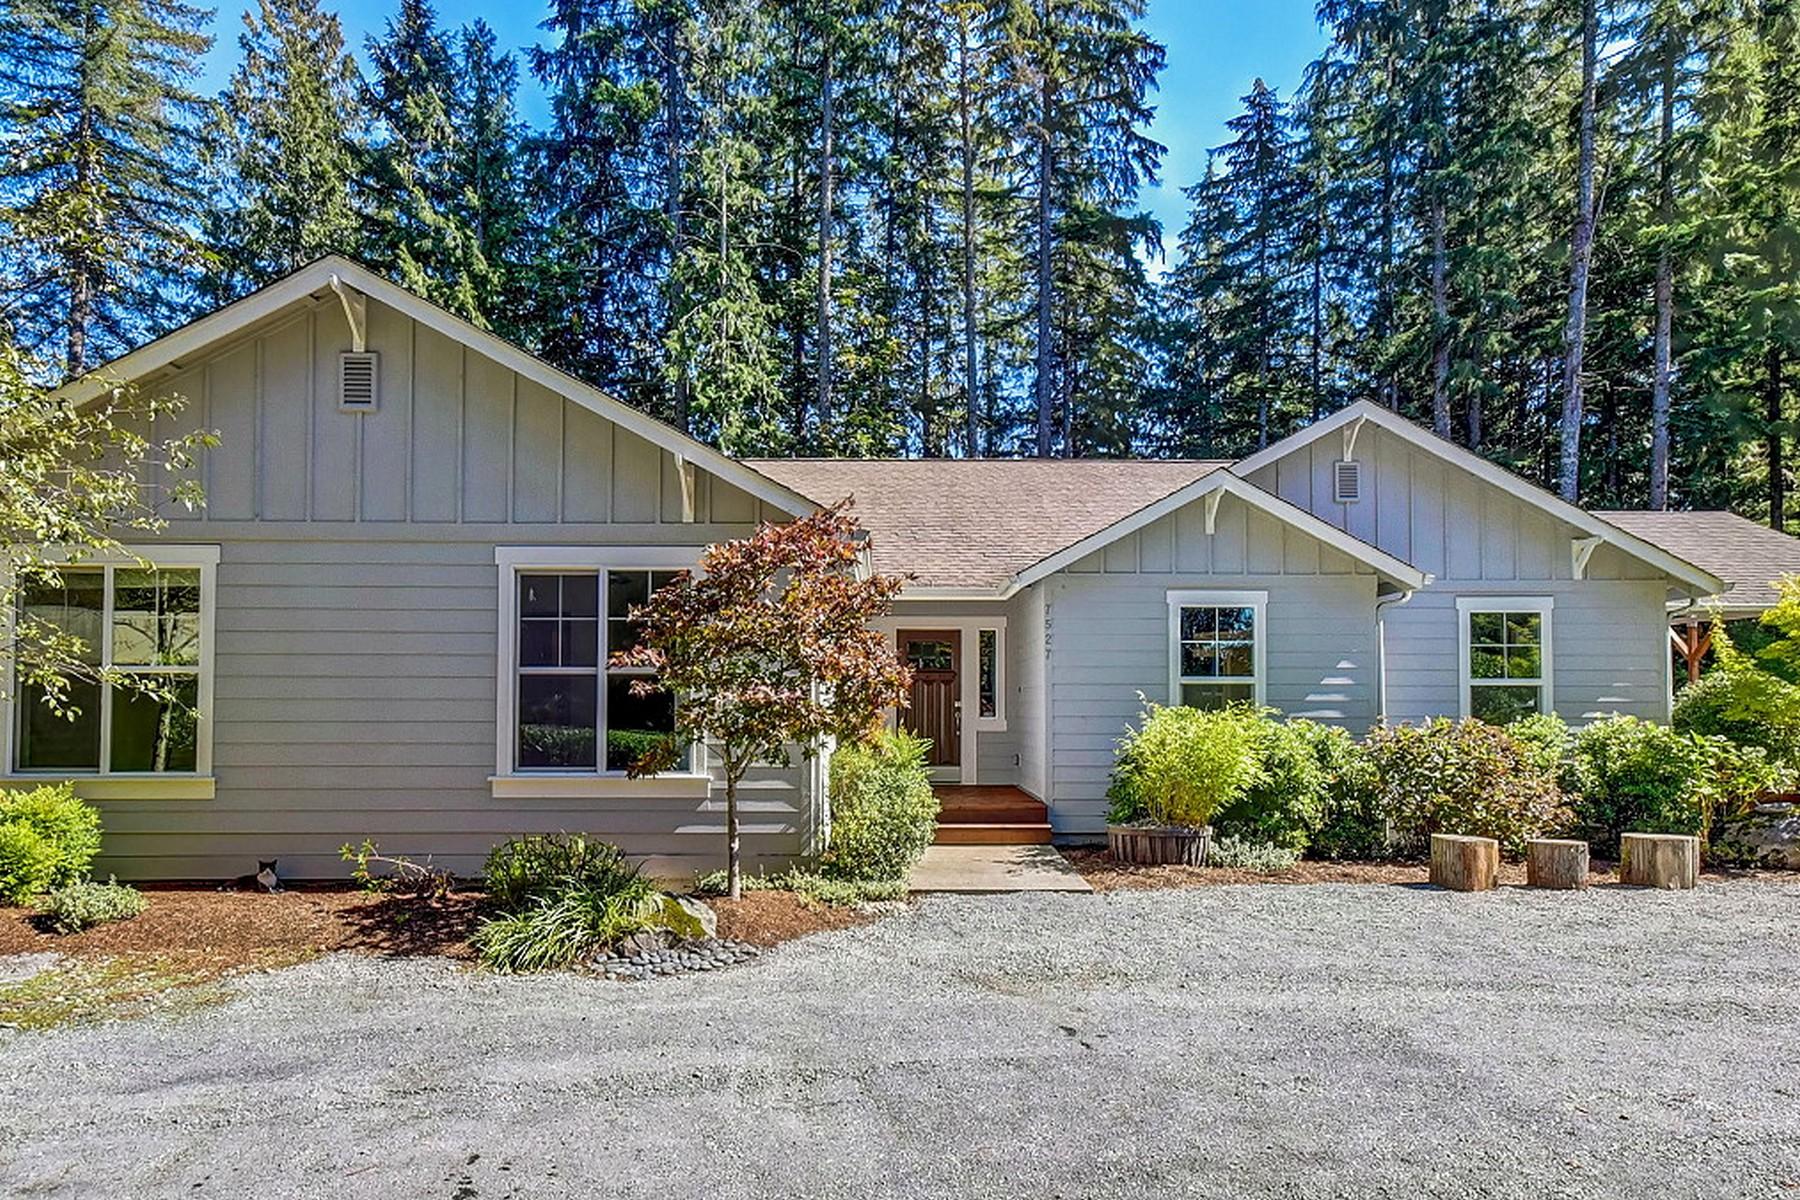 Maison unifamiliale pour l Vente à Desirable Monroe Home 7527 Woods Creek RD Monroe, Washington, 98272 États-Unis